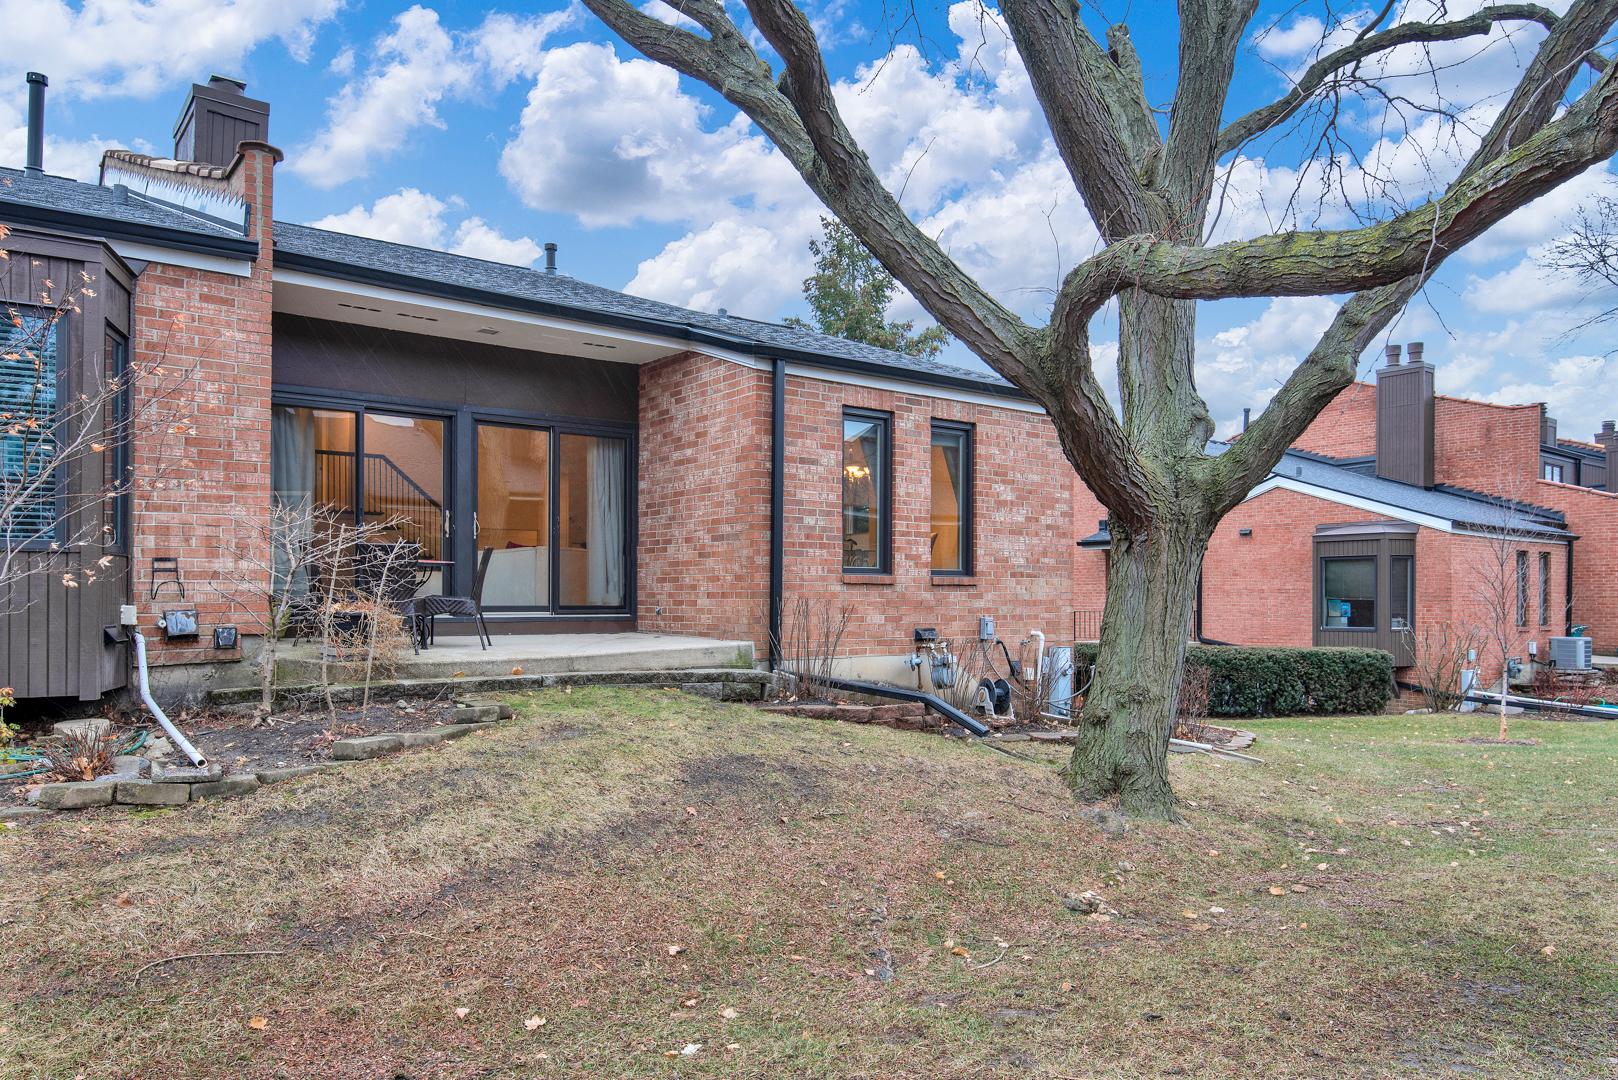 19w249 Gloucester, Oak Brook, Illinois, 60523